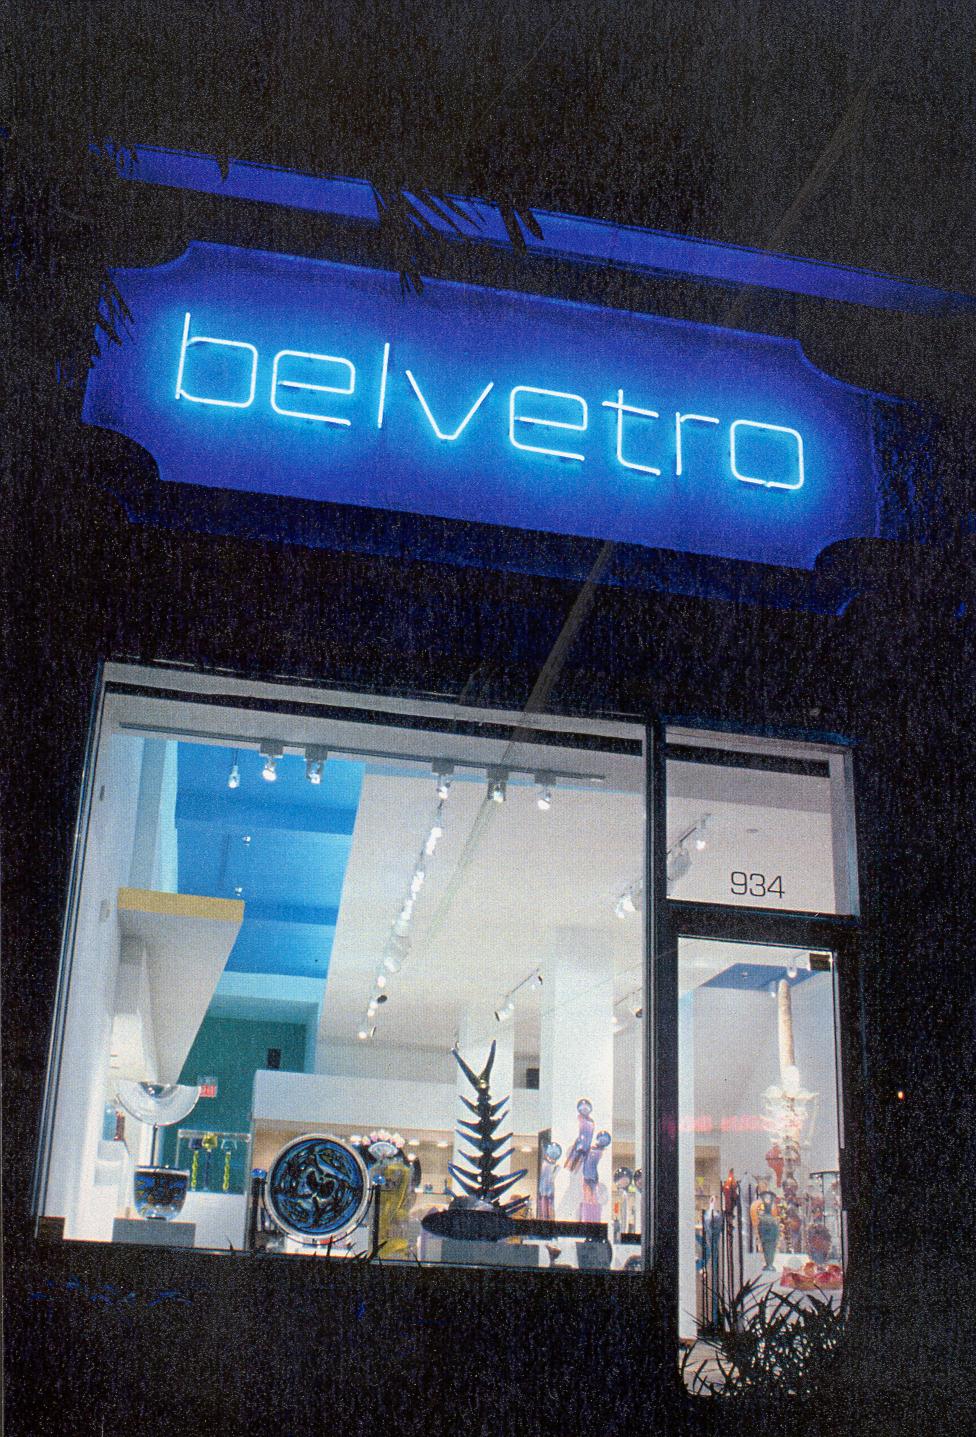 Belvetro1.jpg